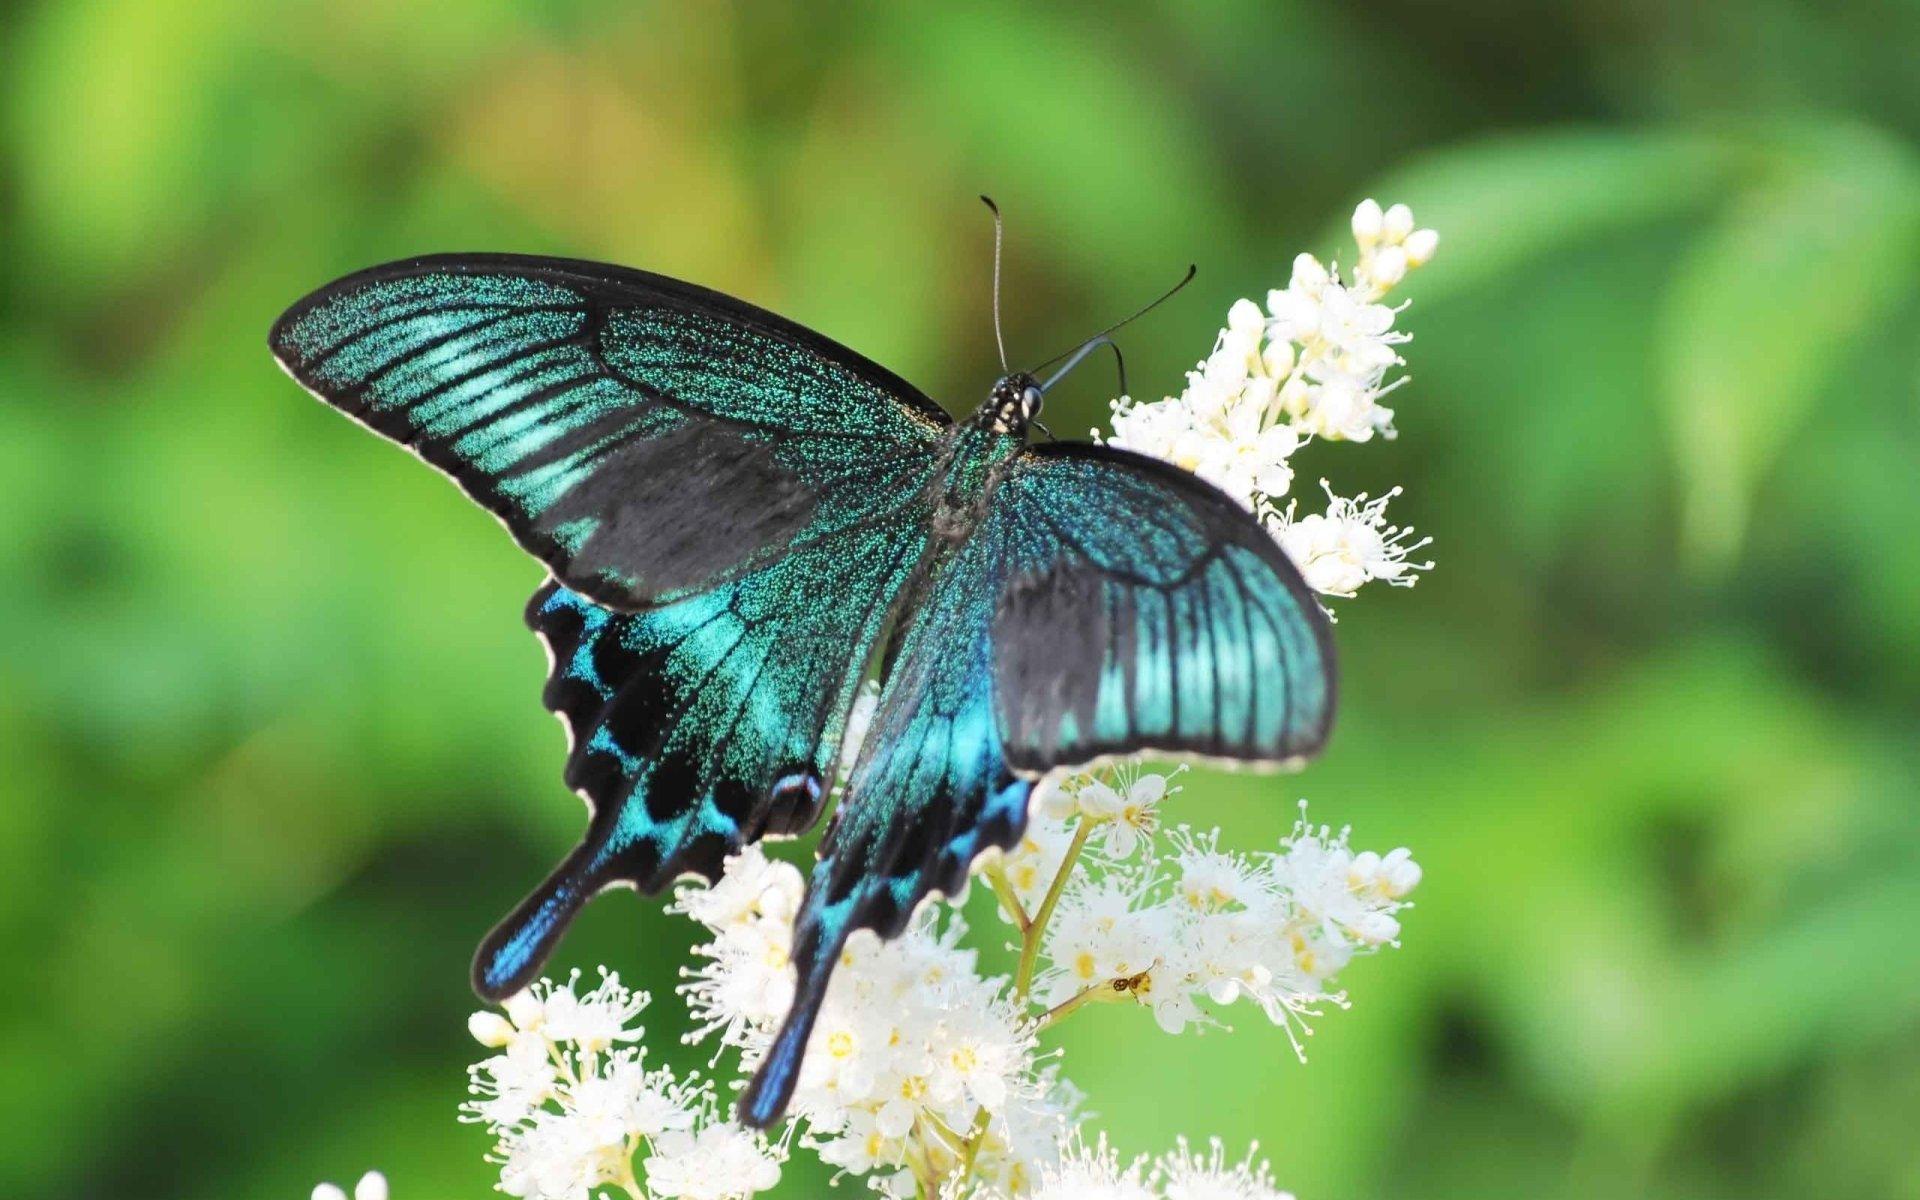 Fotos de Mariposas, Imágenes de Mariposas de colores Gratis